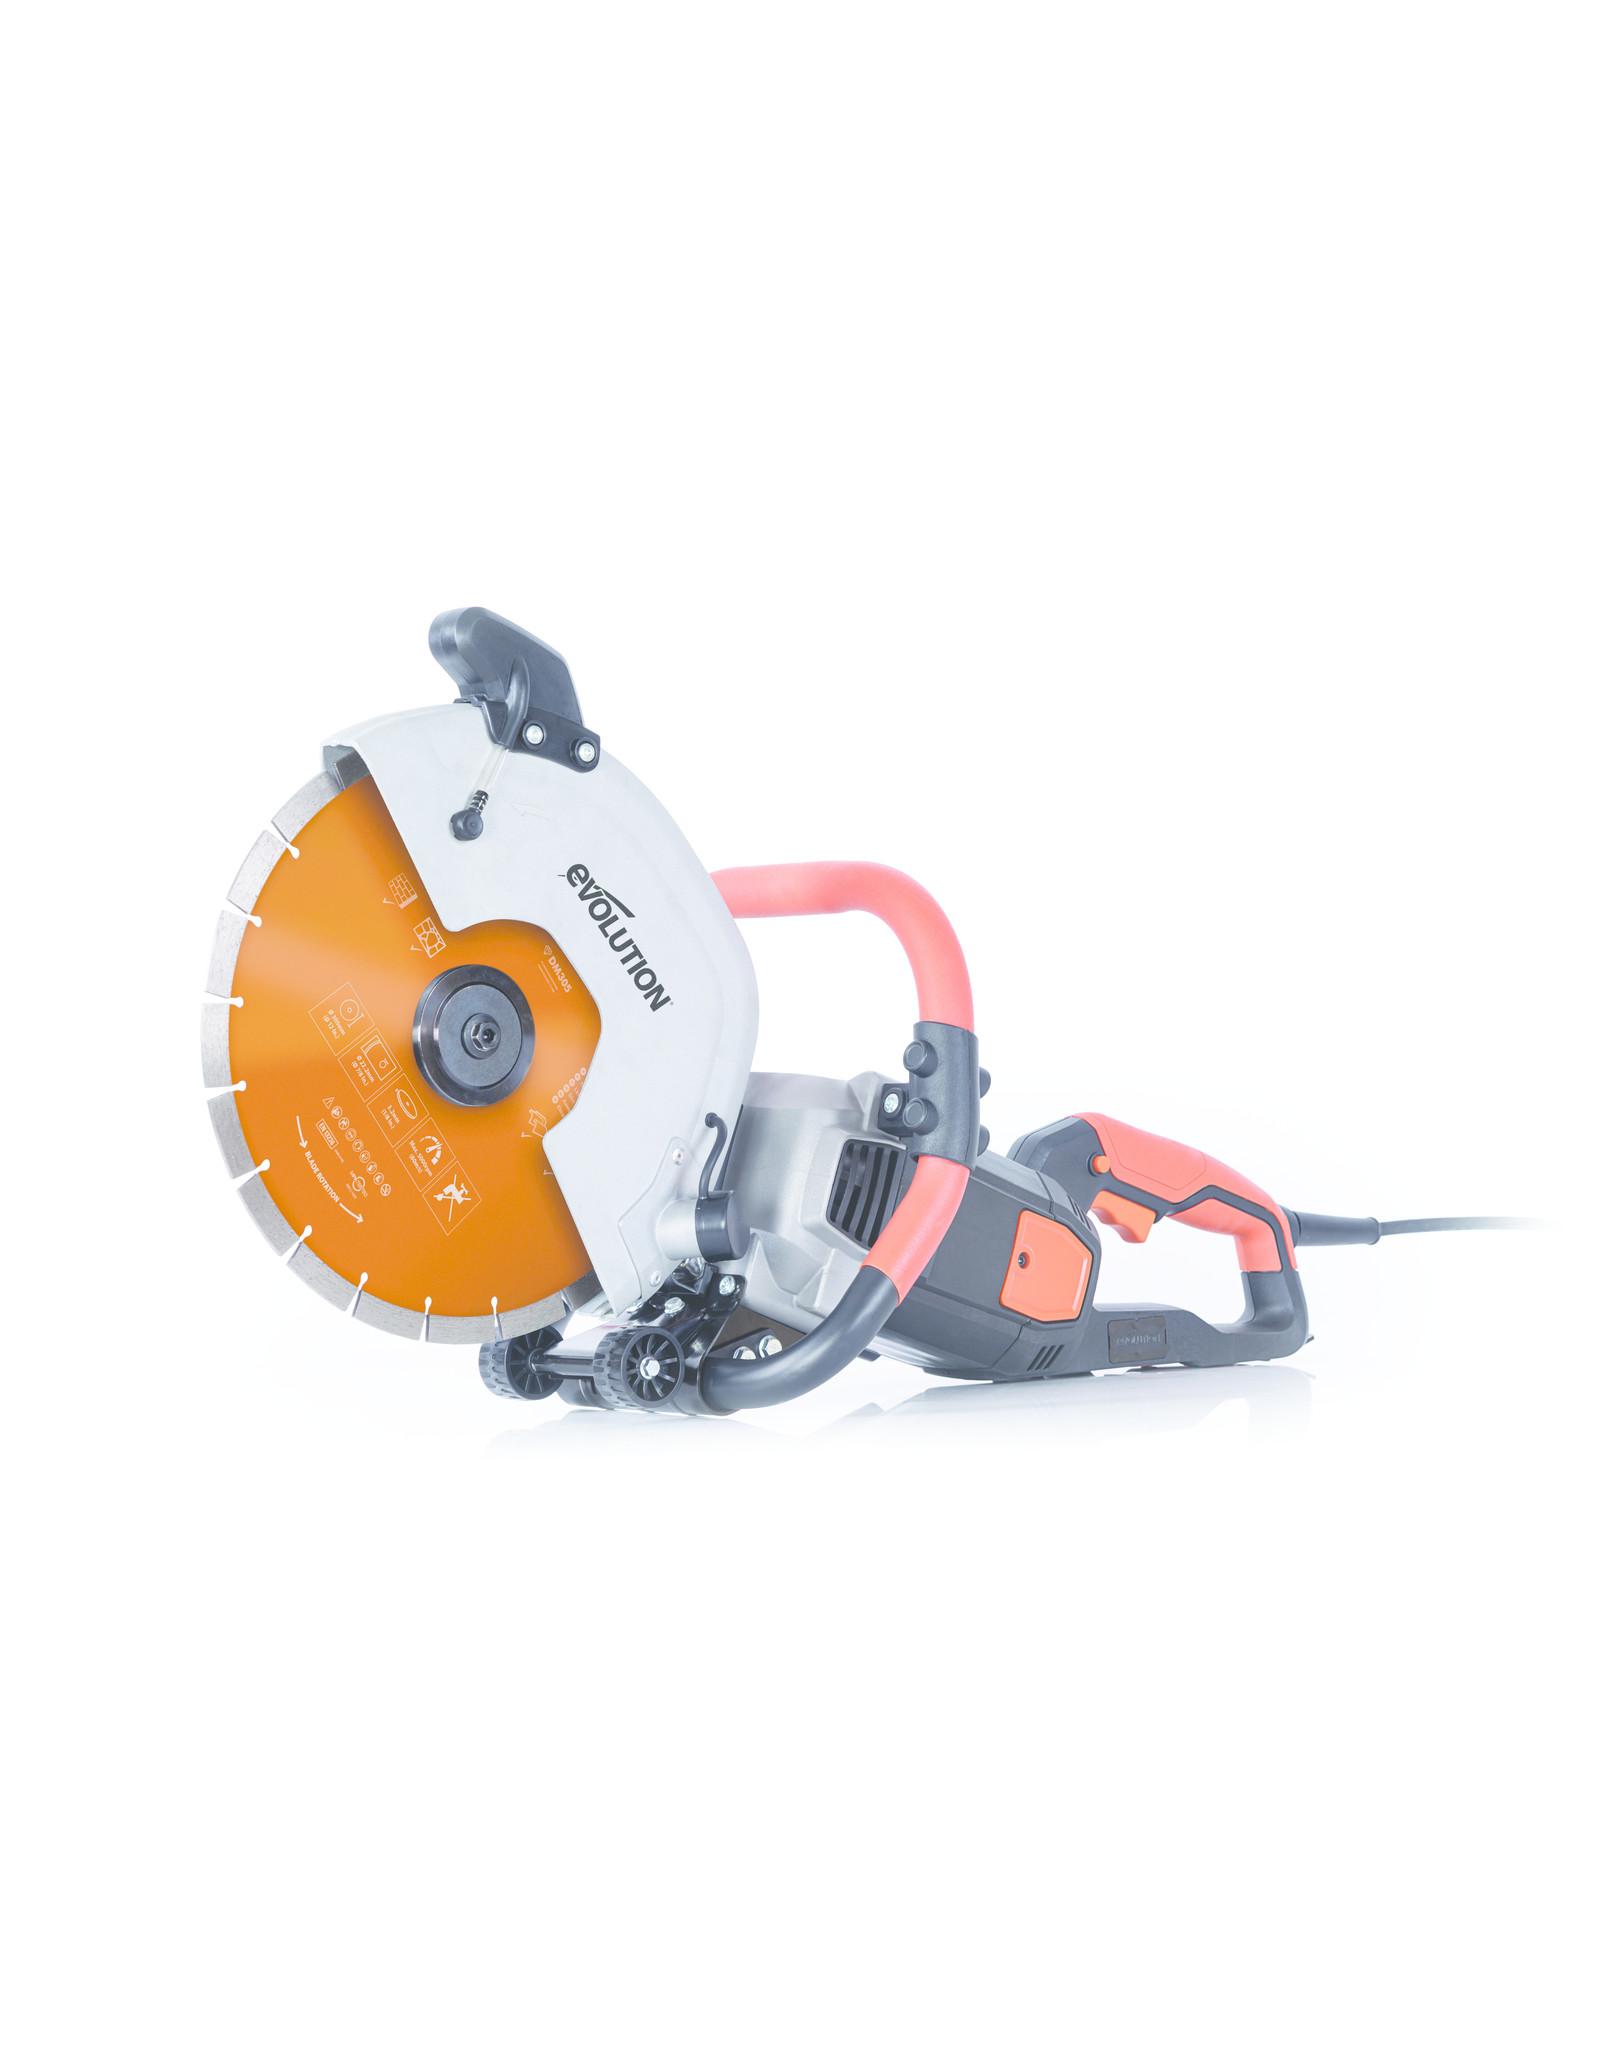 Evolution Power Tools Build Line TRONCONNEUSE ELECTRIQUE R300DCT+